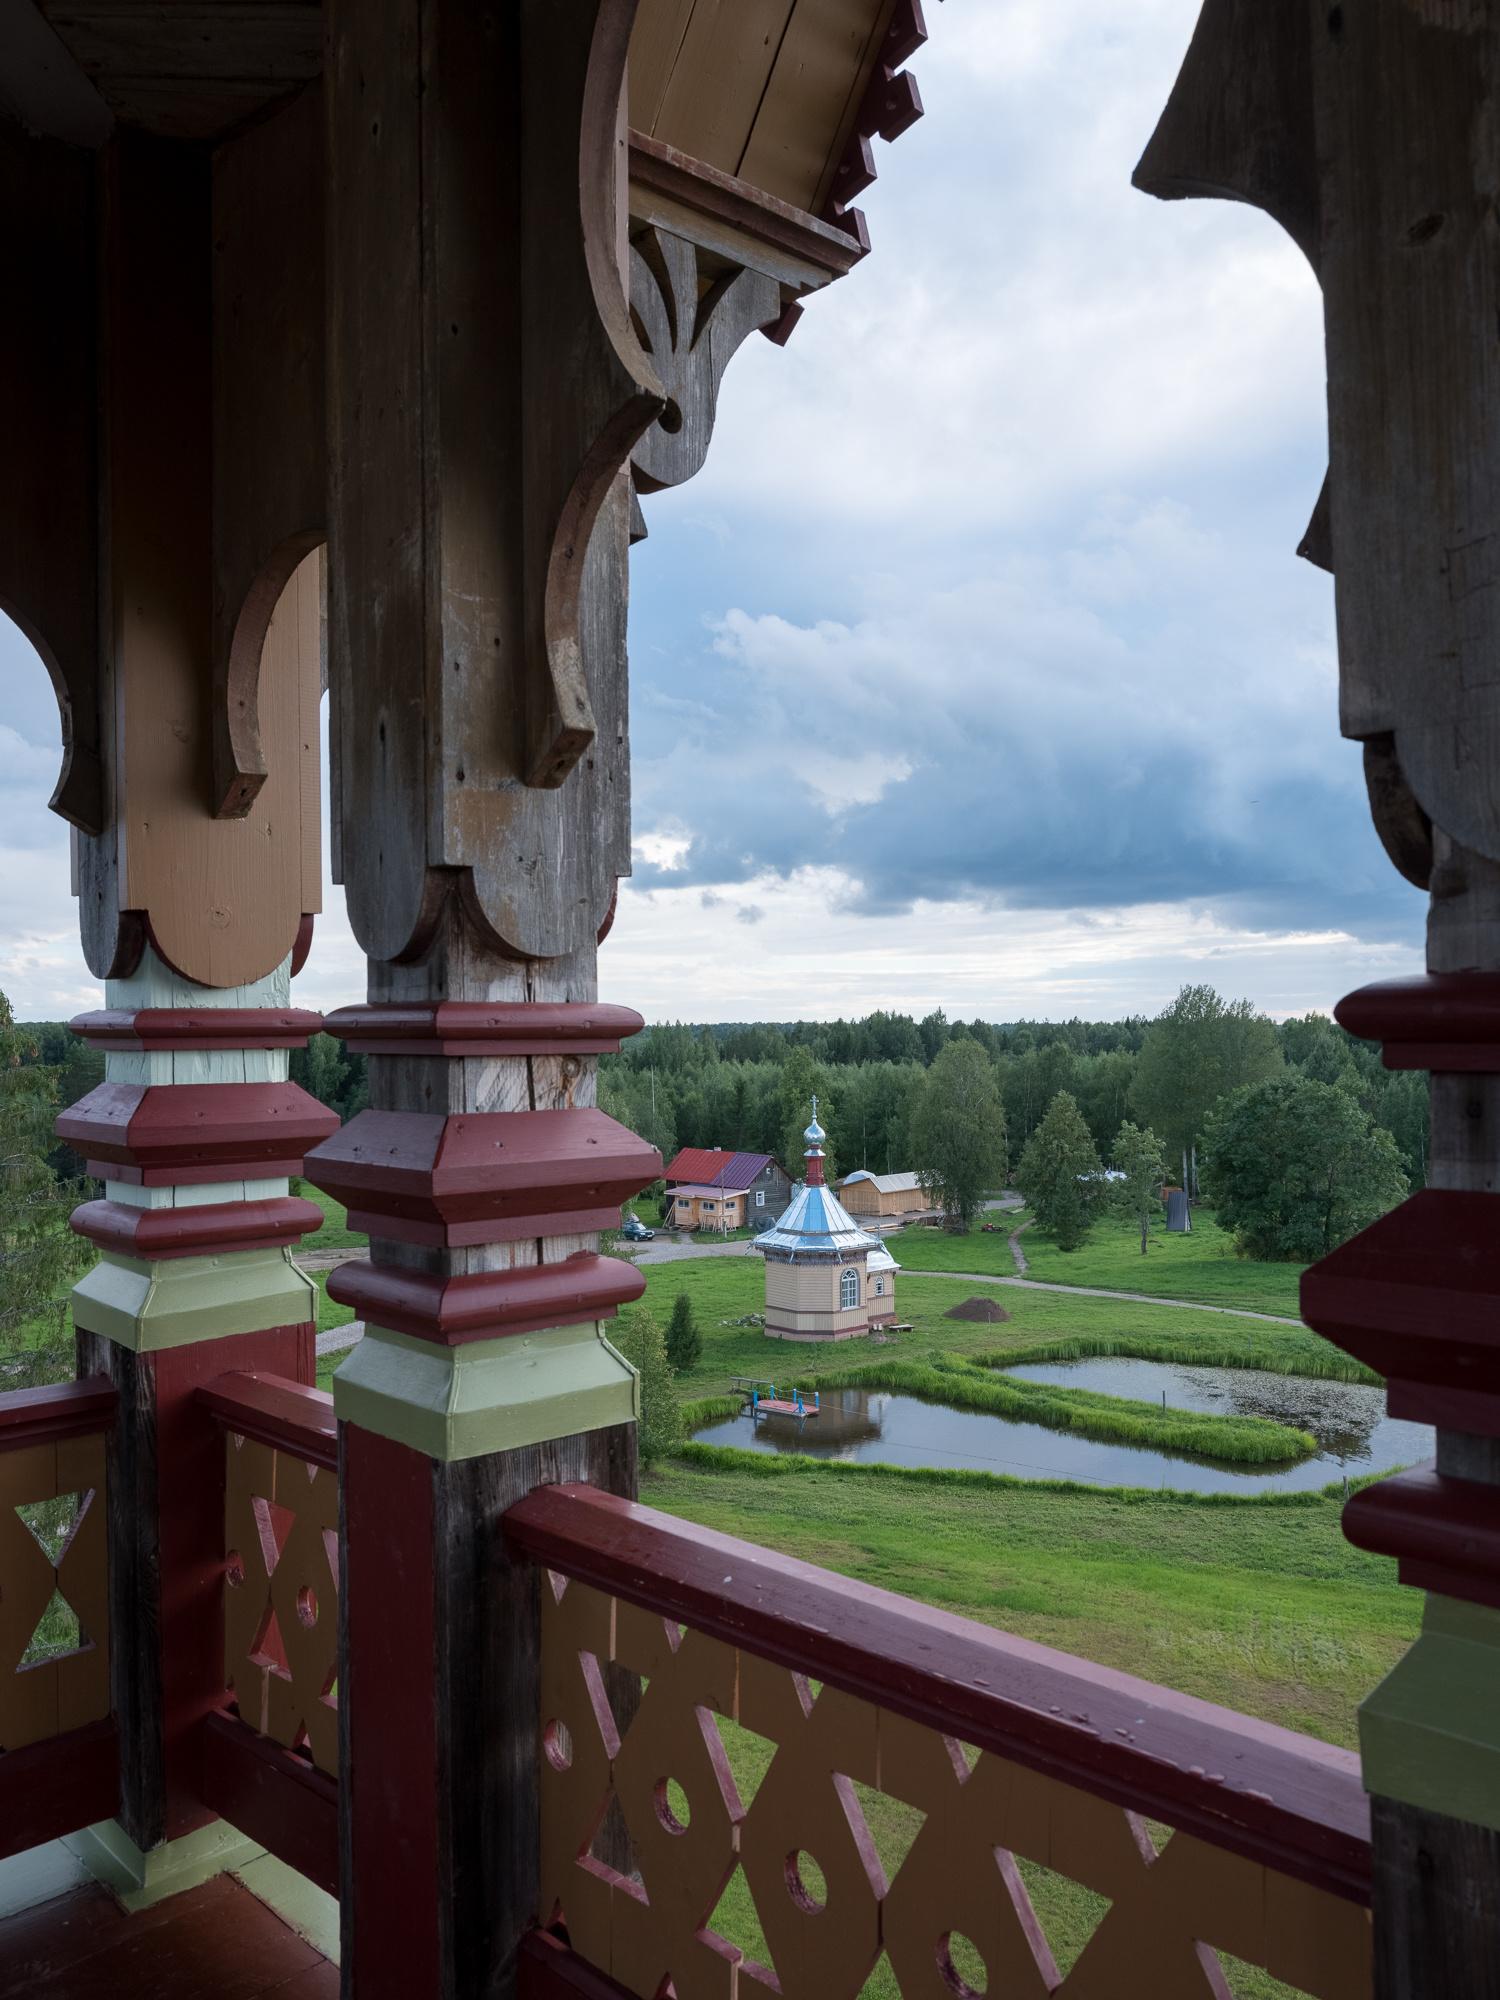 Отель-музей Асташово: настоящий русский терем XIX века (галерея 28, фото 1)